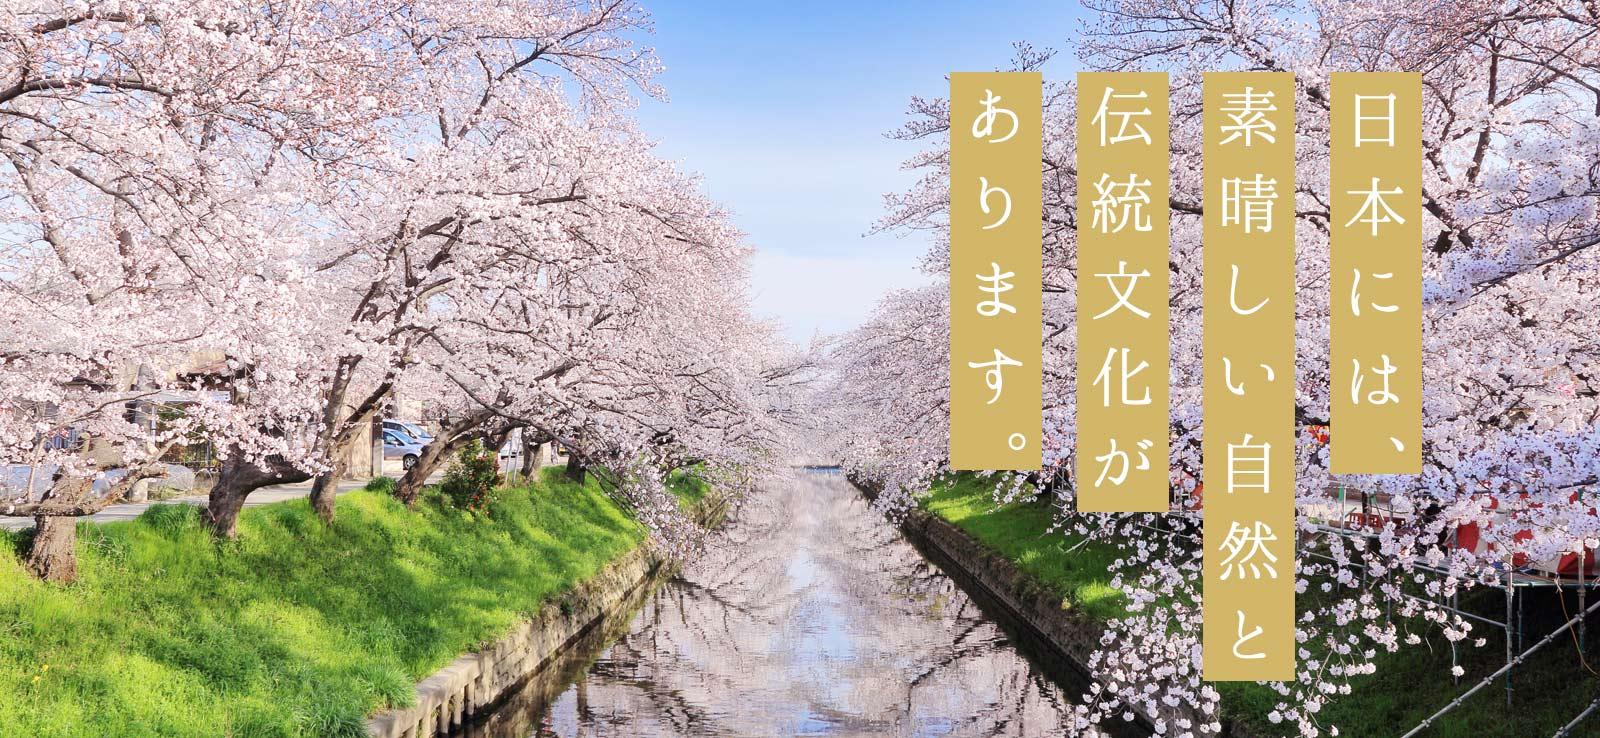 日本には、素晴しい自然と伝統文化があります。